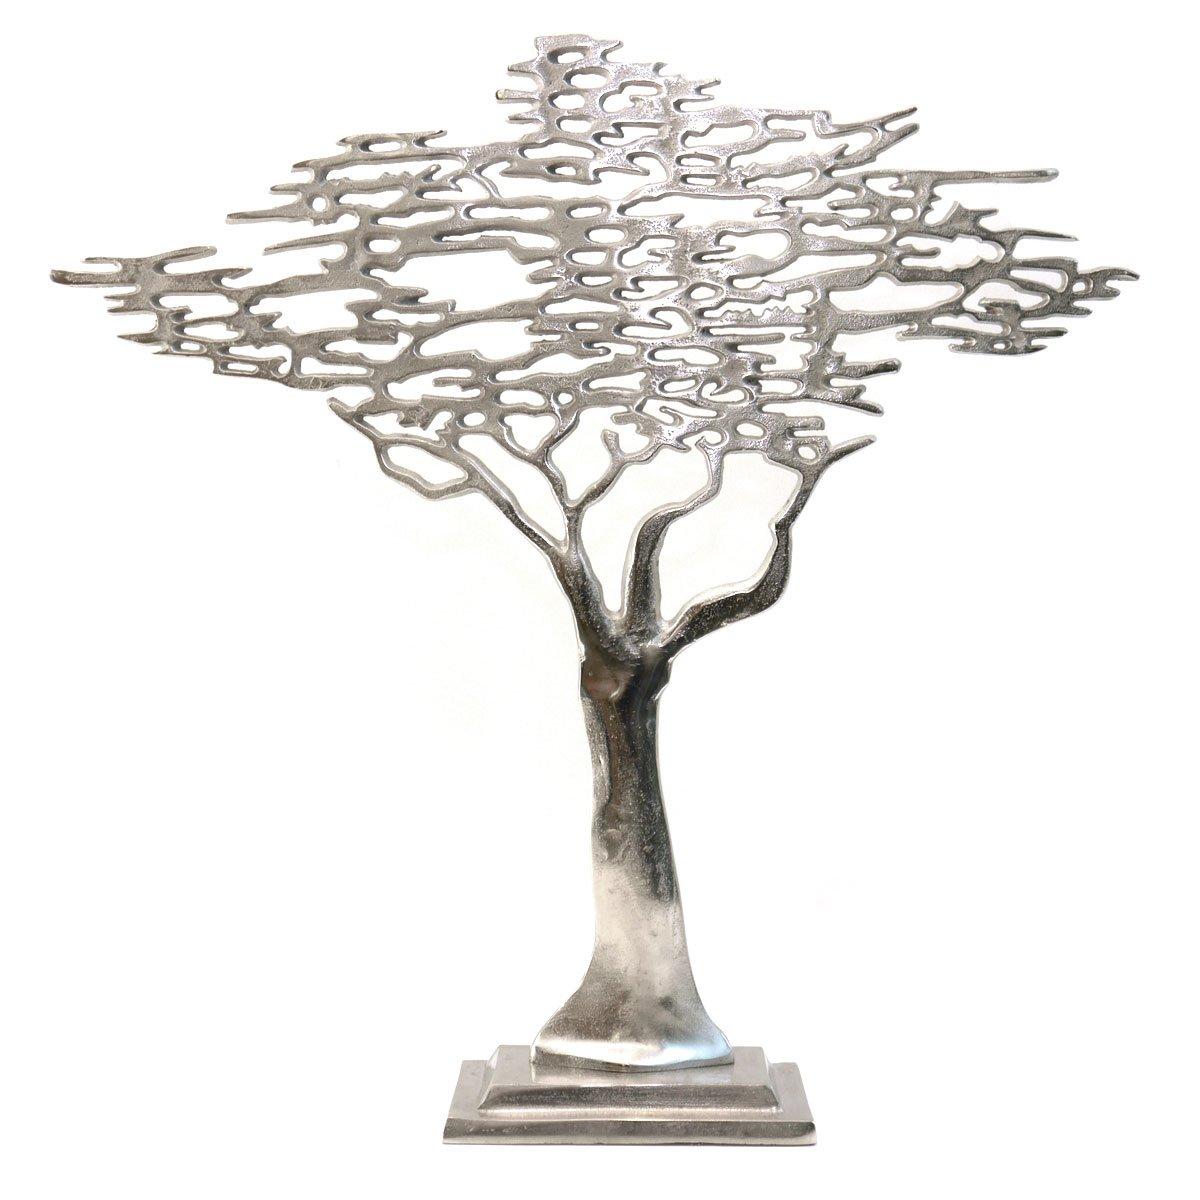 Belle Aluminium Arte Skulptur Baum Aluminium Belle raw Silber modern Landhaus Dekofigur 60 cm 3962f6